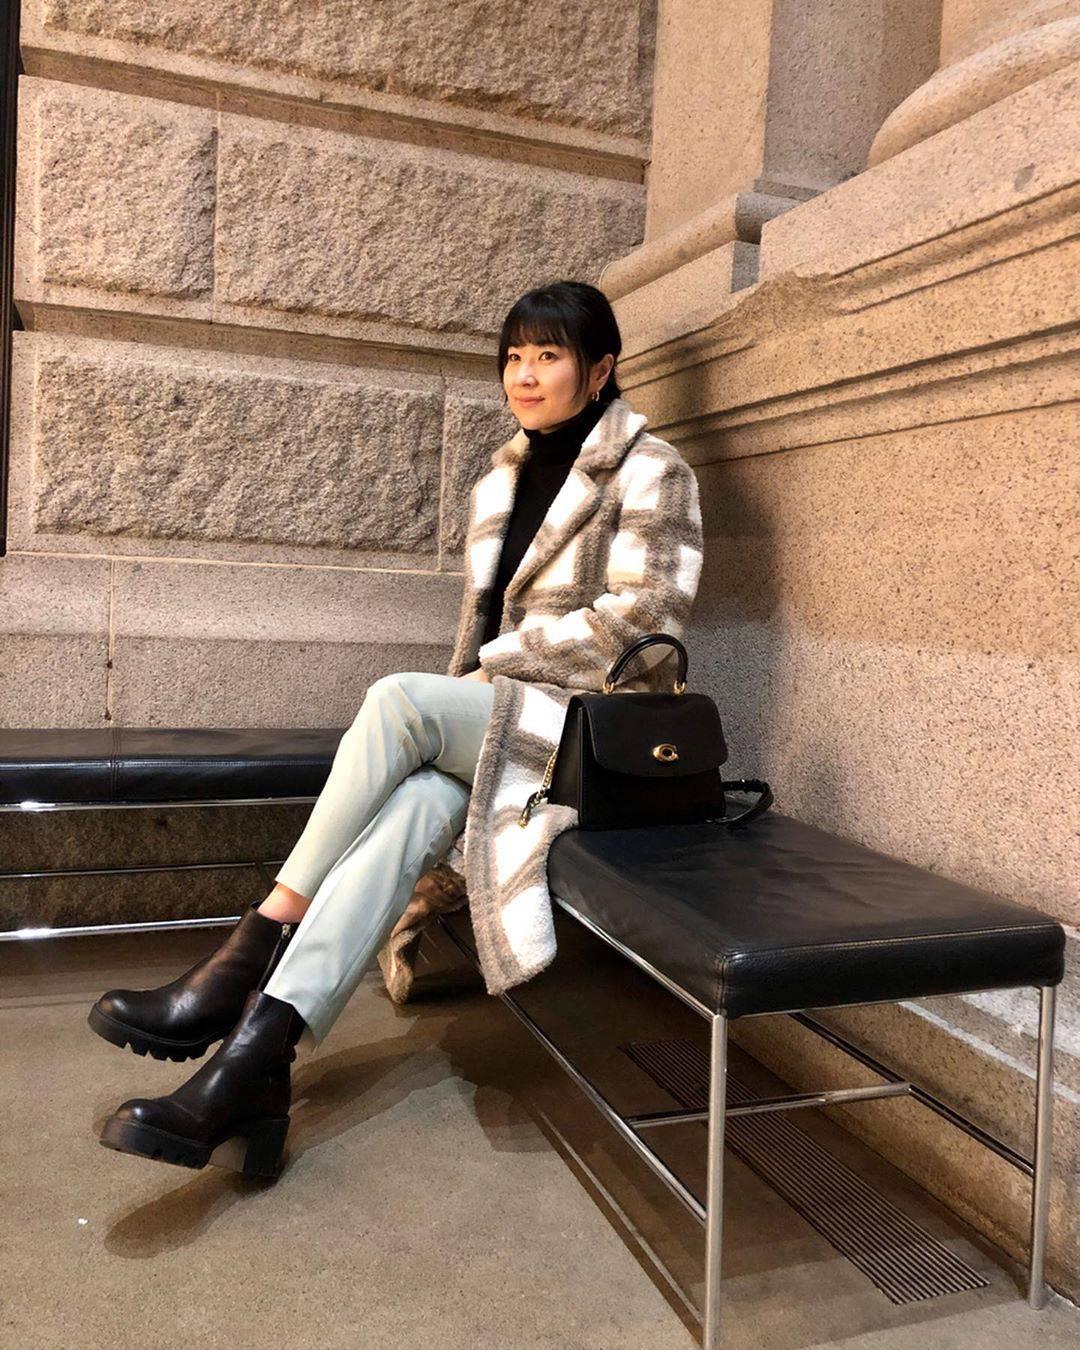 最高気温6度・最低気温-2度 i.styleclosetの服装